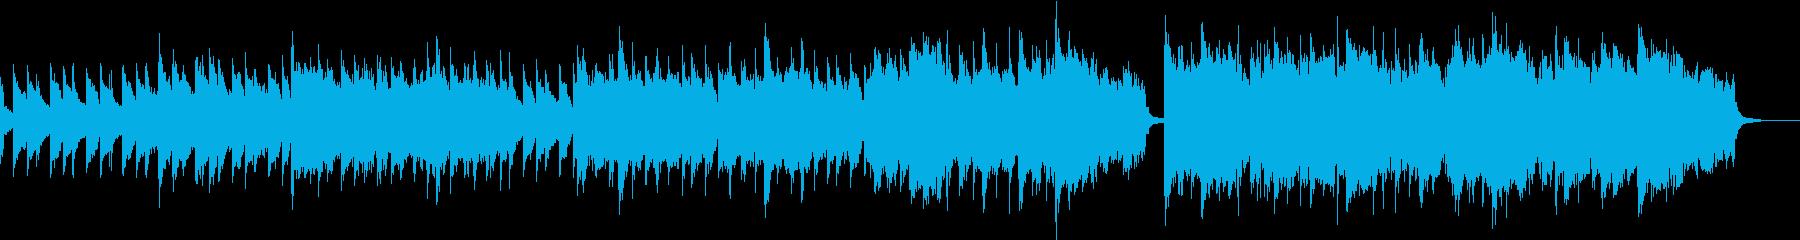 アコーディオンとバグパイプ の明るい楽曲の再生済みの波形